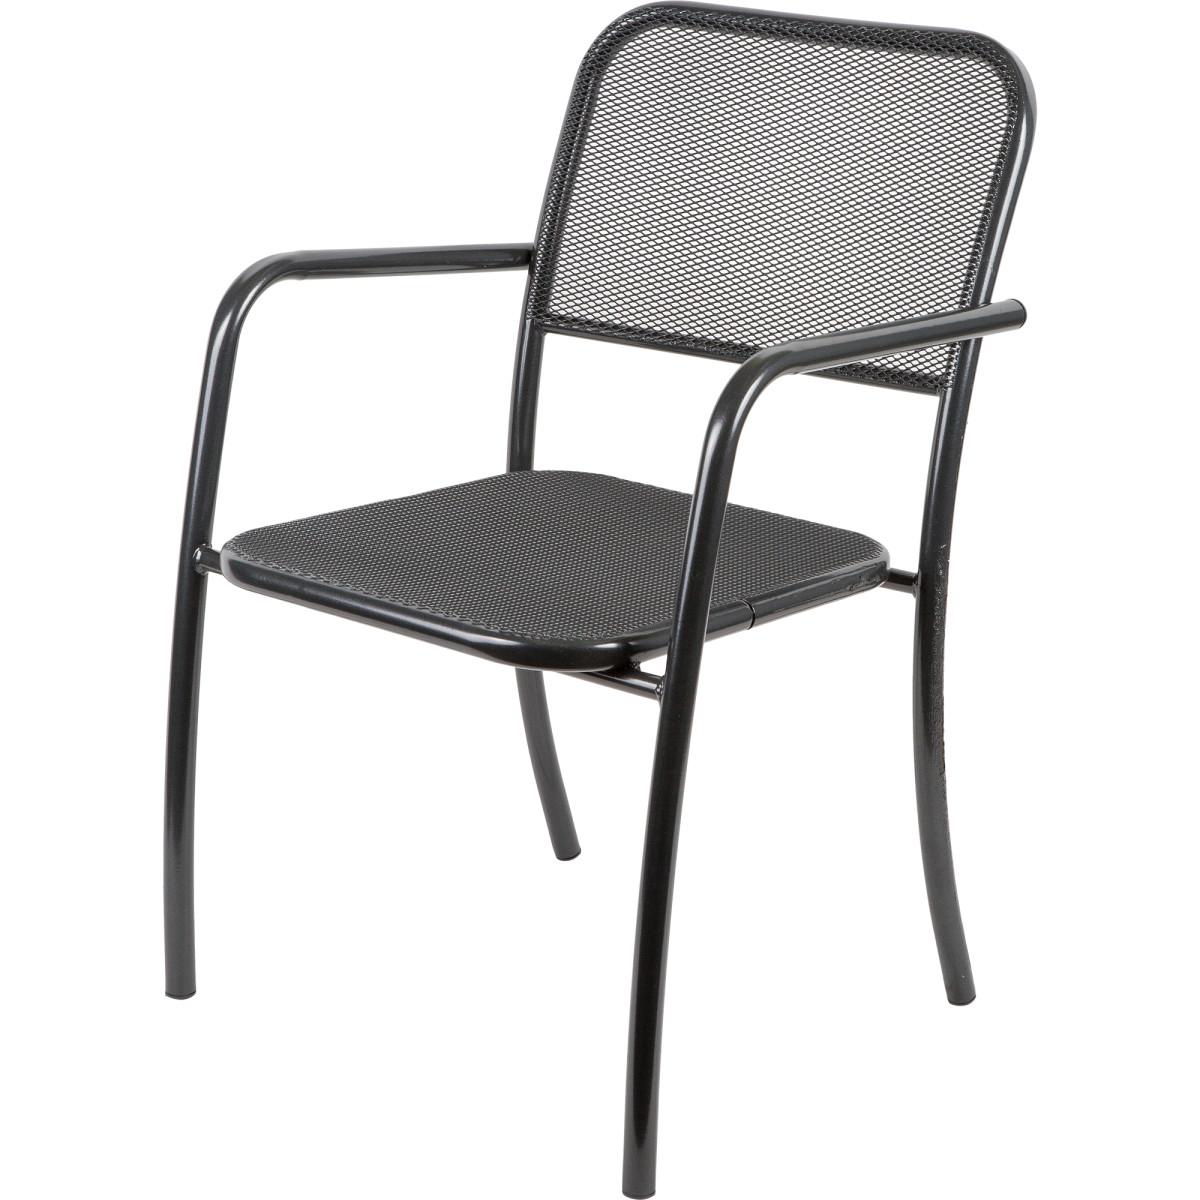 Кресло Садовое Романс 63Х54Х92 Металл Черный/Бежевый